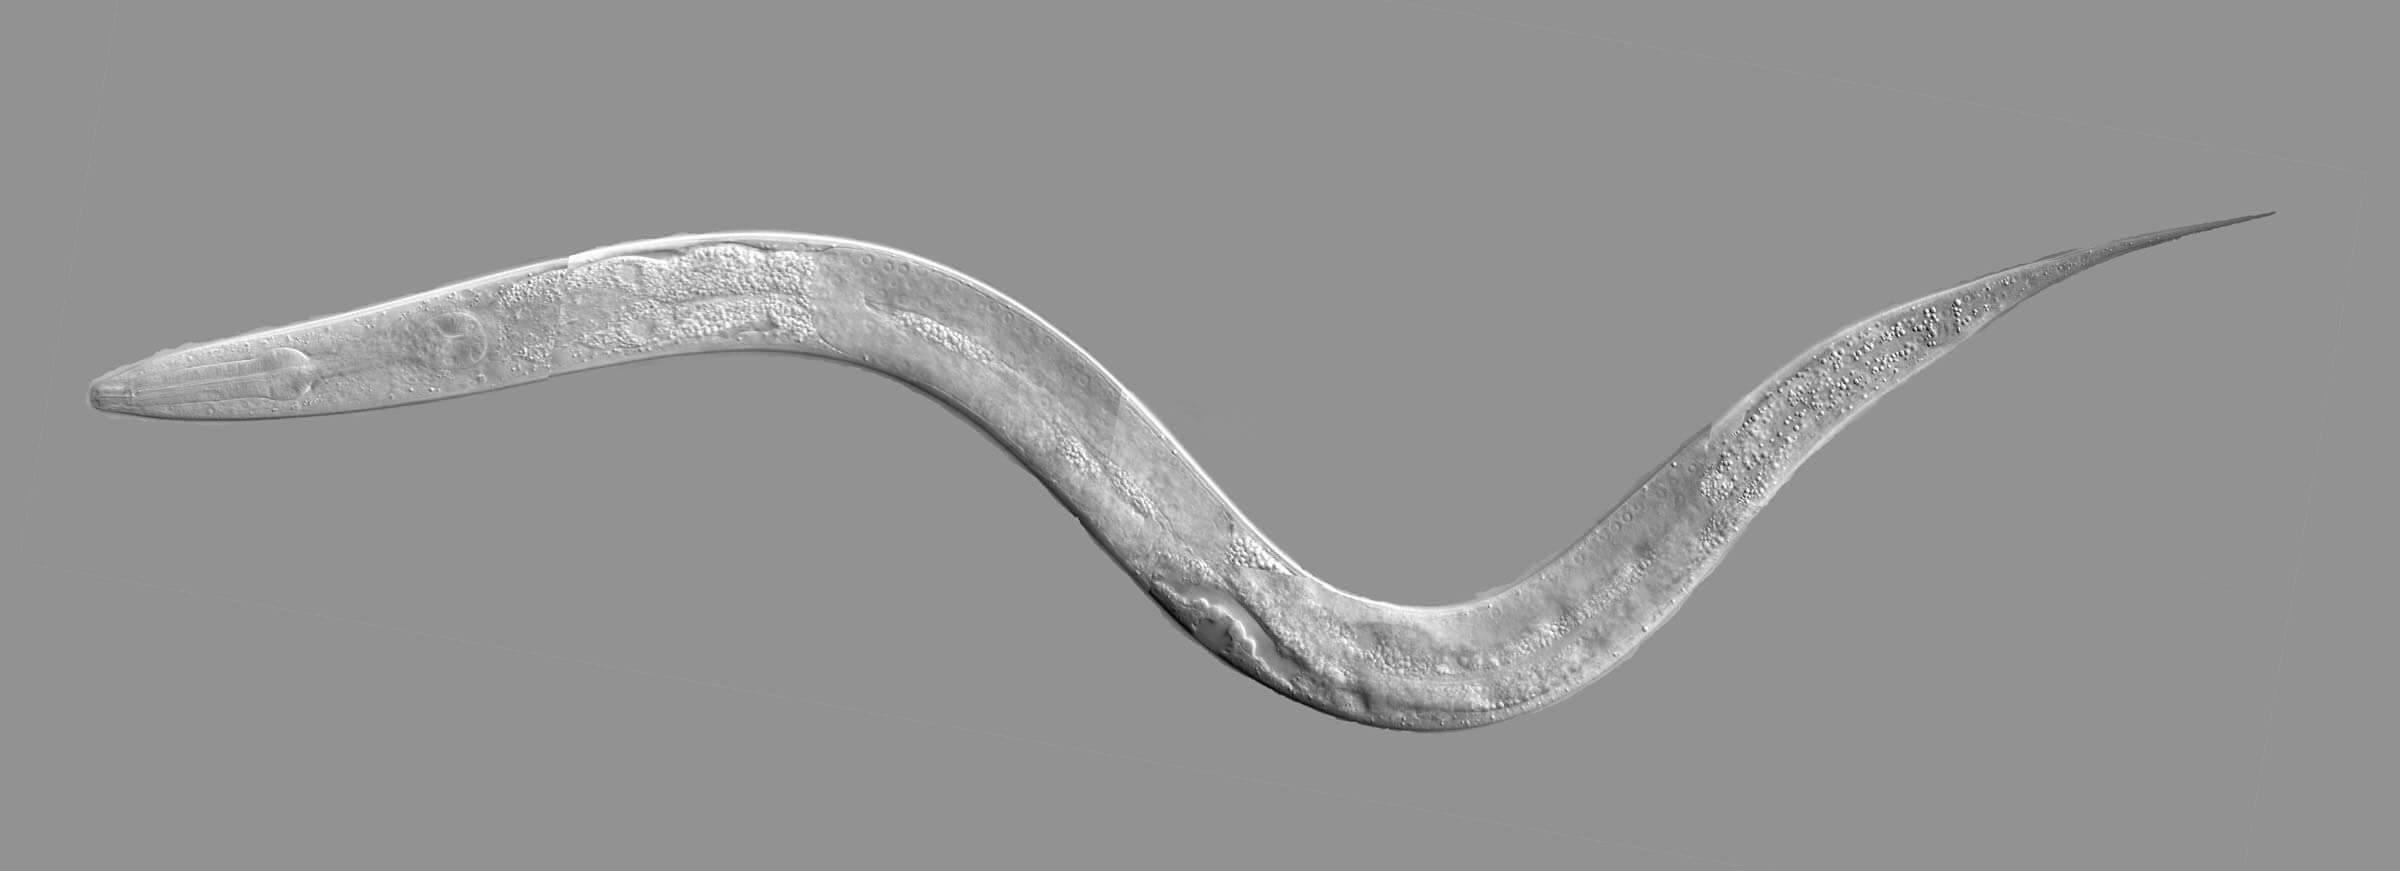 Коннектом червя, половые различия